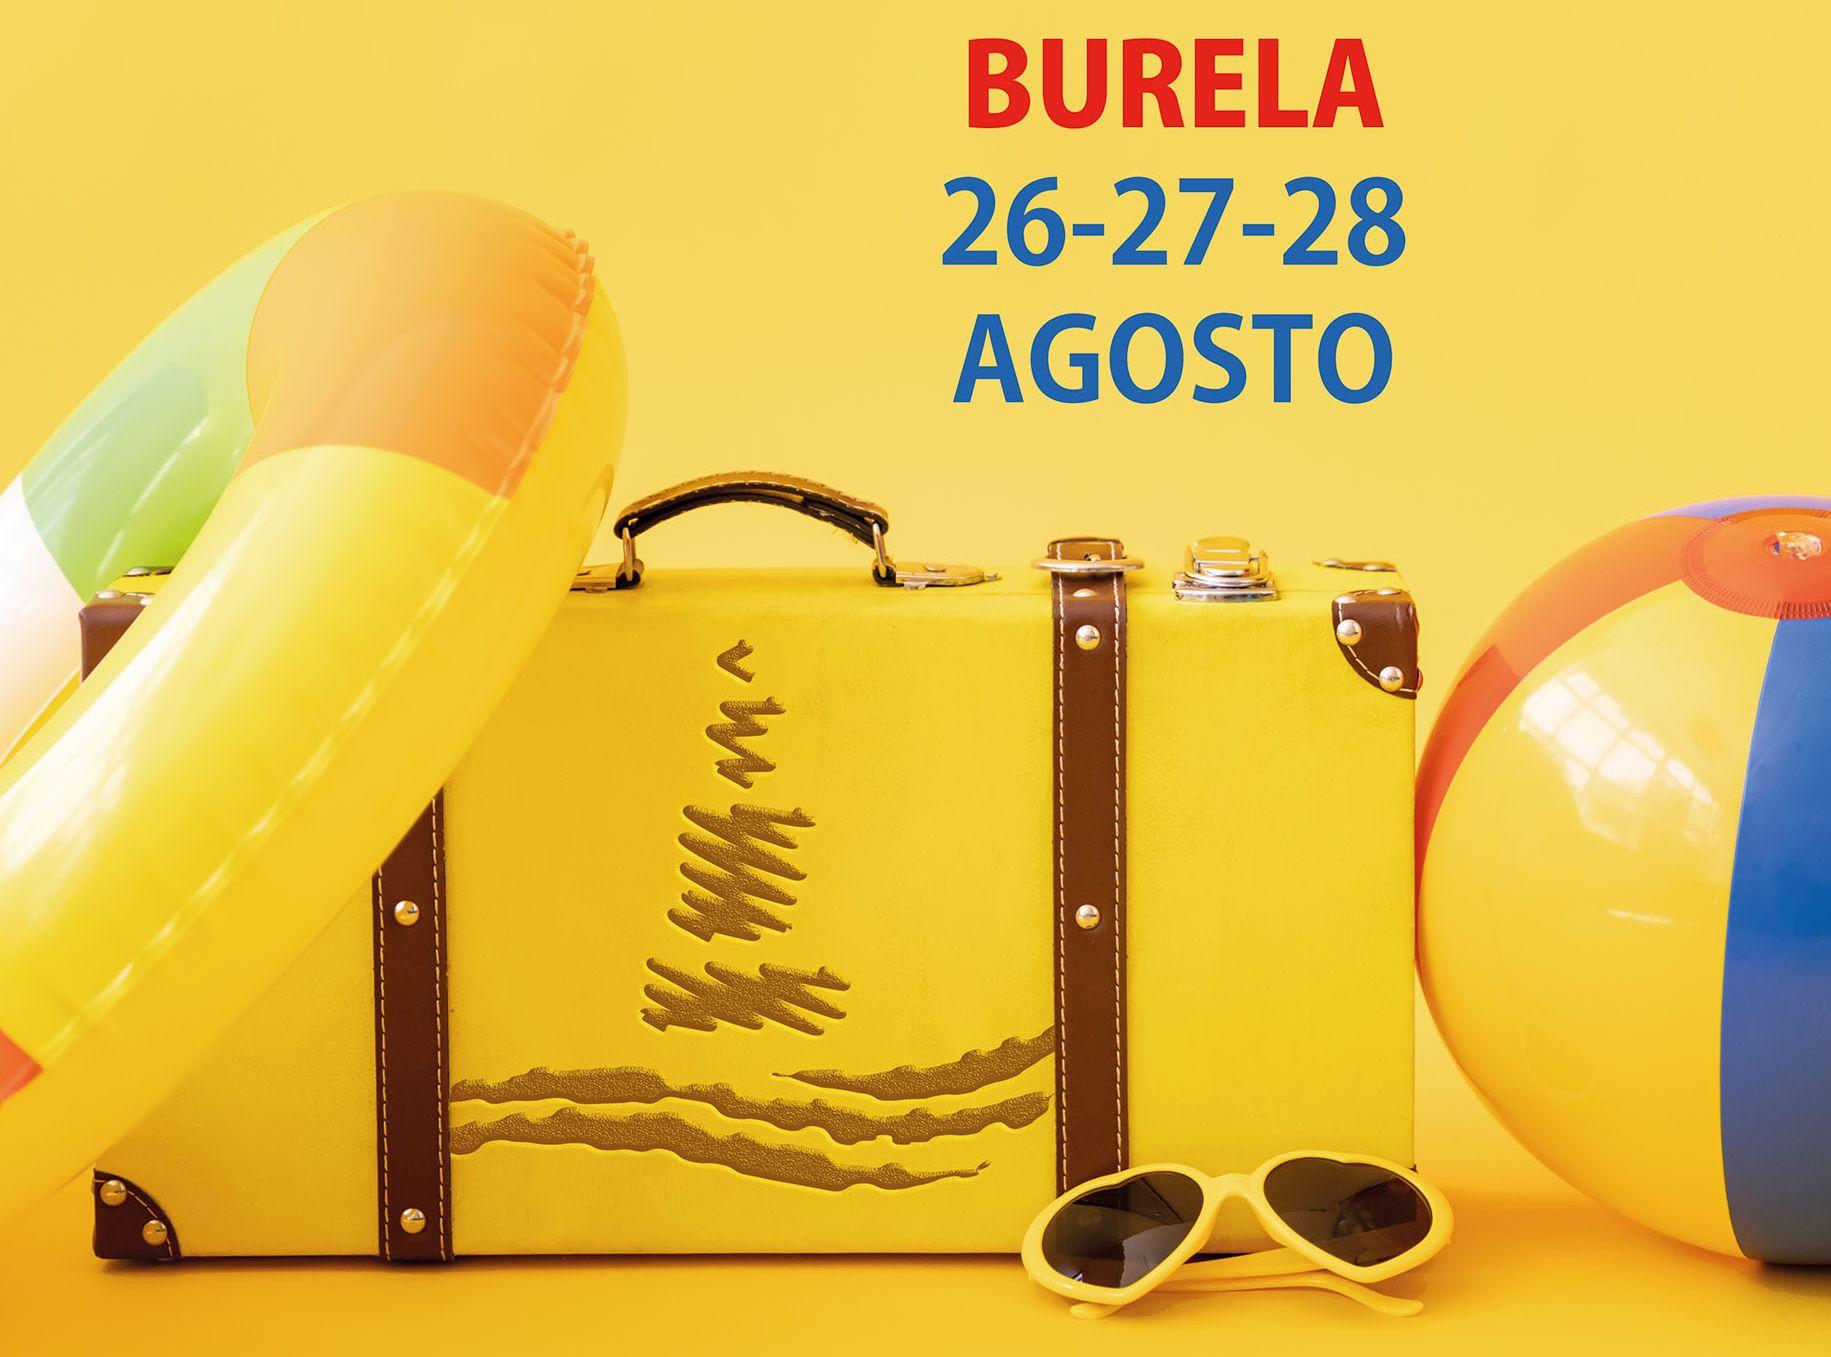 ACIA Burela lanza unha campaña de fin de rebaixas con grandes descontos